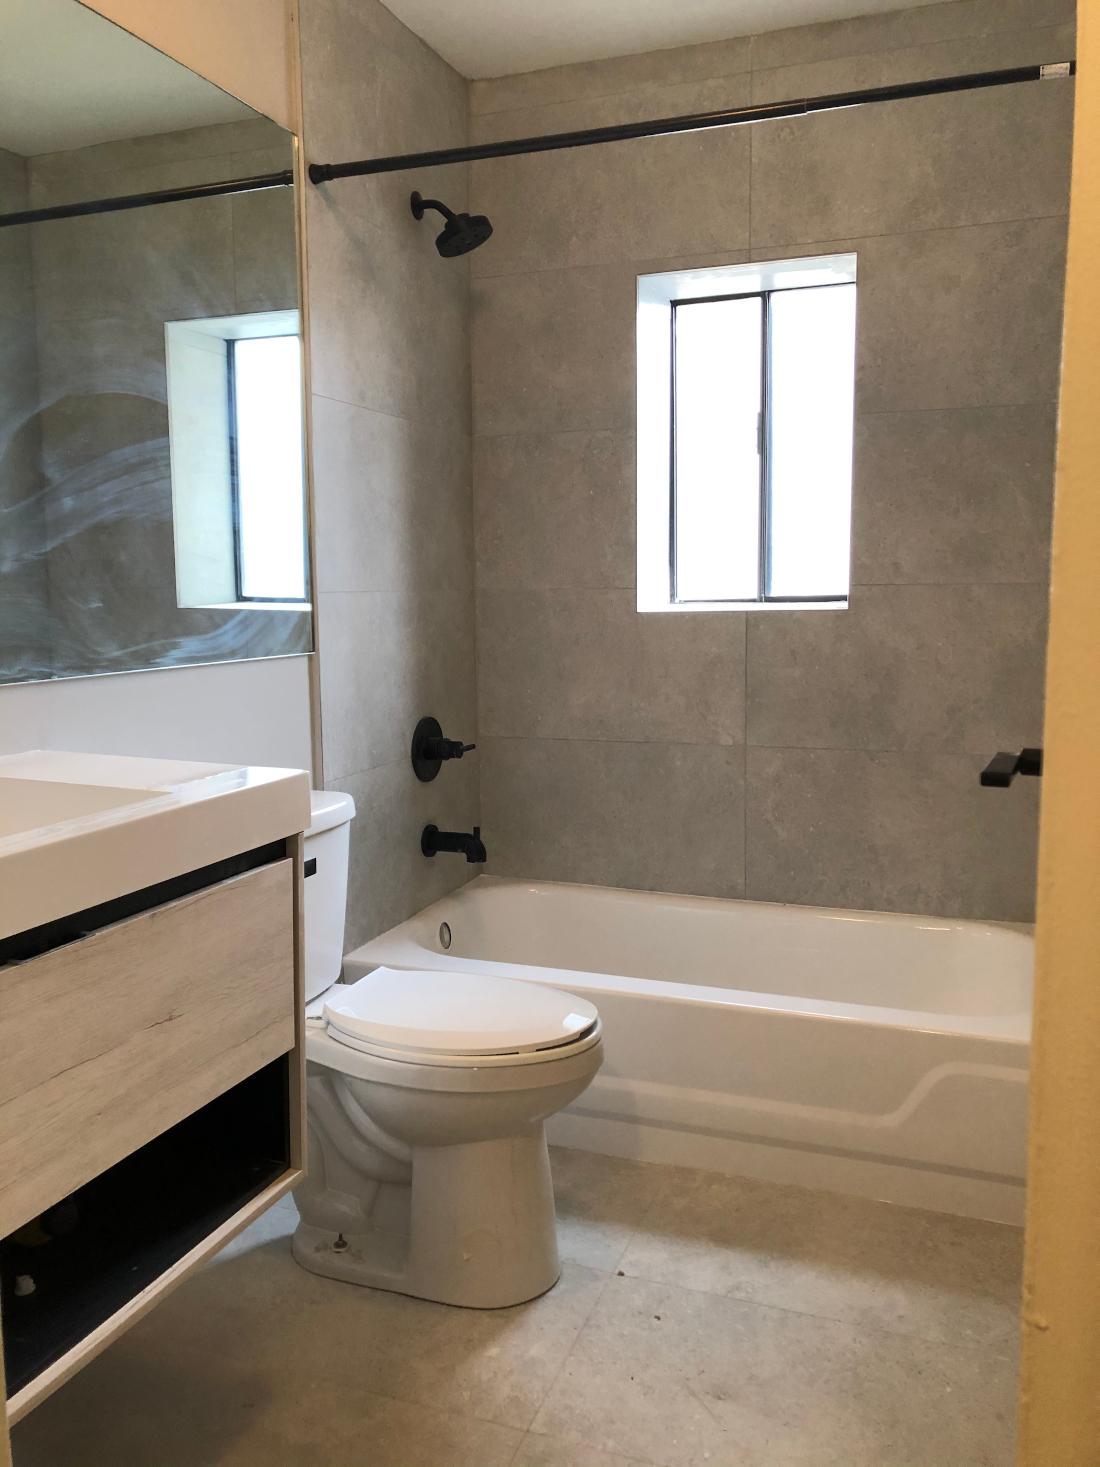 Single Vanity at Riverview at Nyack Apartments in Nyack, New York